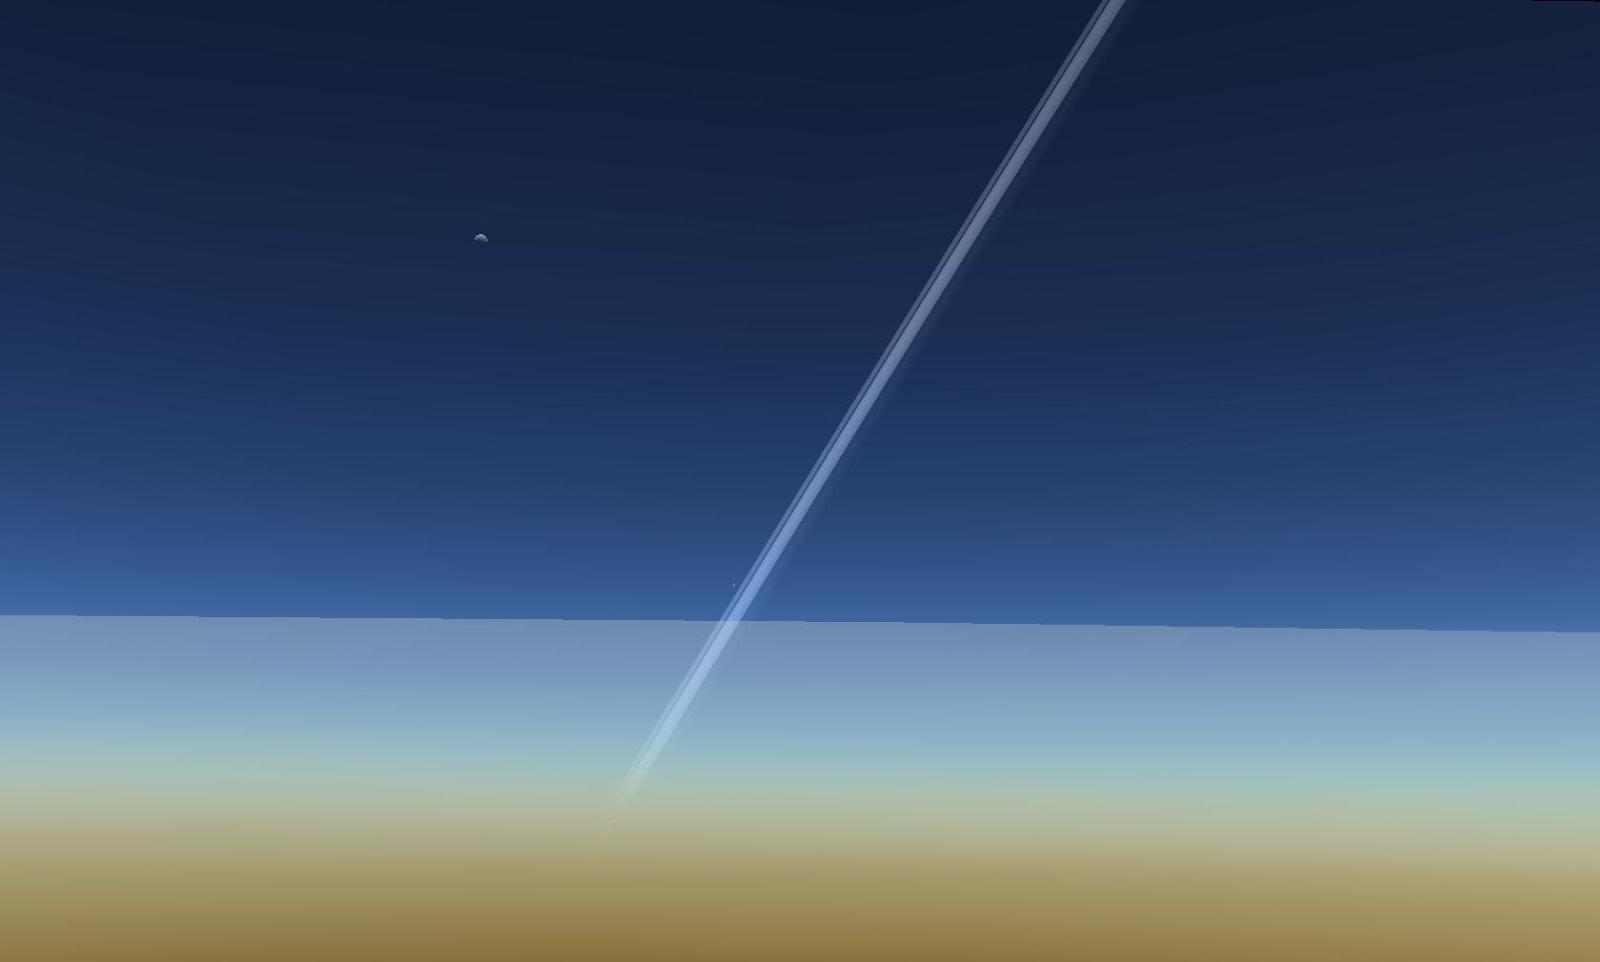 Vành đai của hành tinh Thổ và Mặt Trăng của Trái Đất. Tác giả : John Brady ở Astronomy Central trên mạng xã hội Reddit.